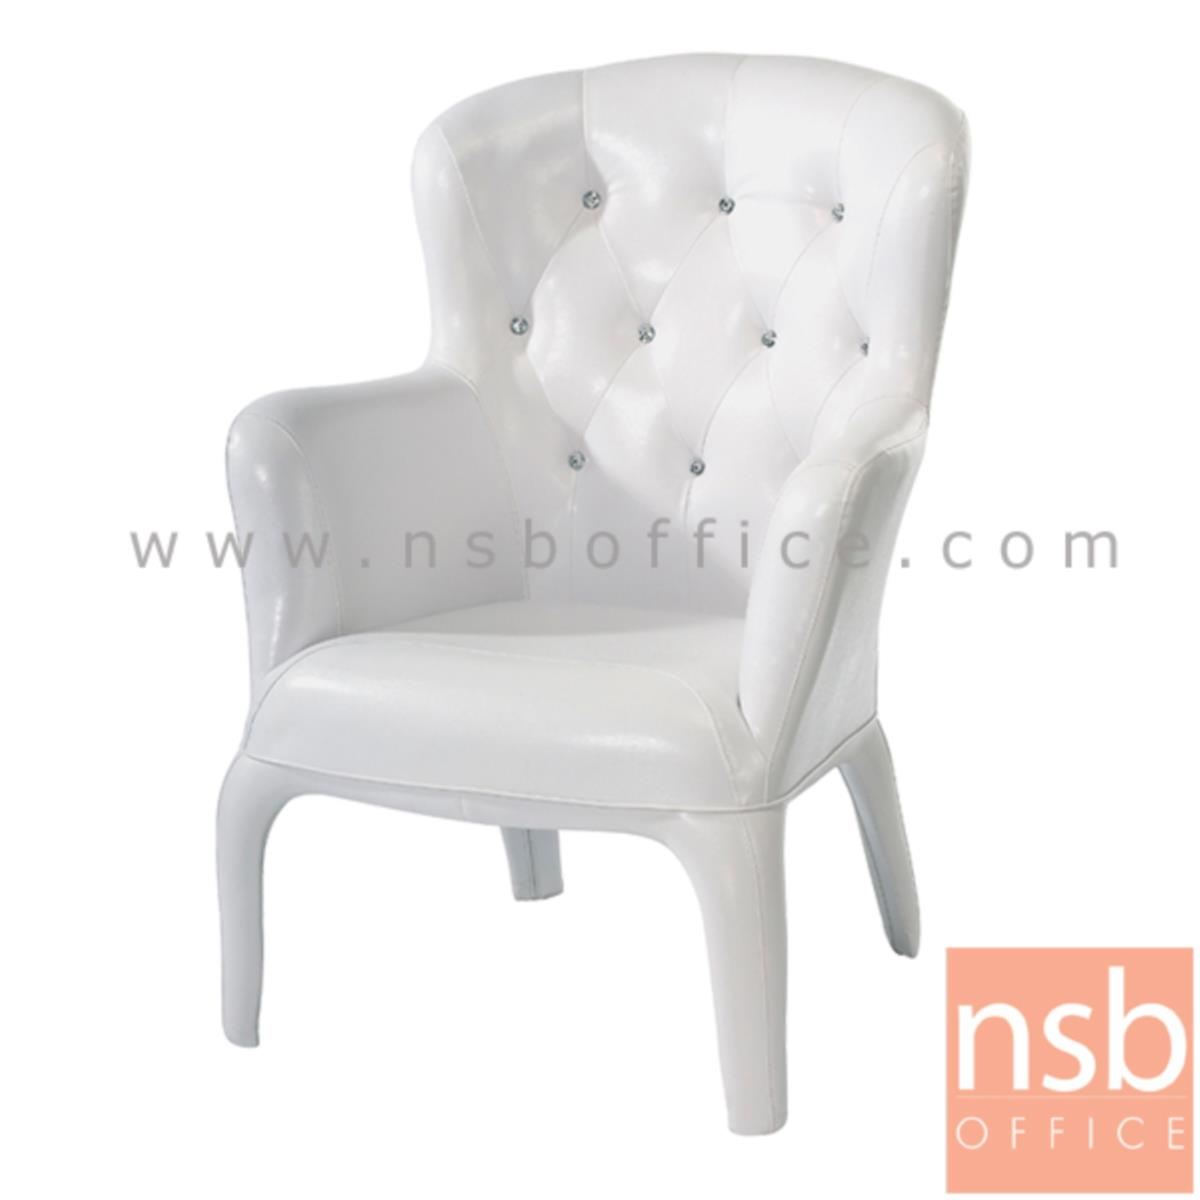 เก้าอี้ตัวเดี่ยวหนัง PU  รุ่น PP92054 ขนาด 74W cm.